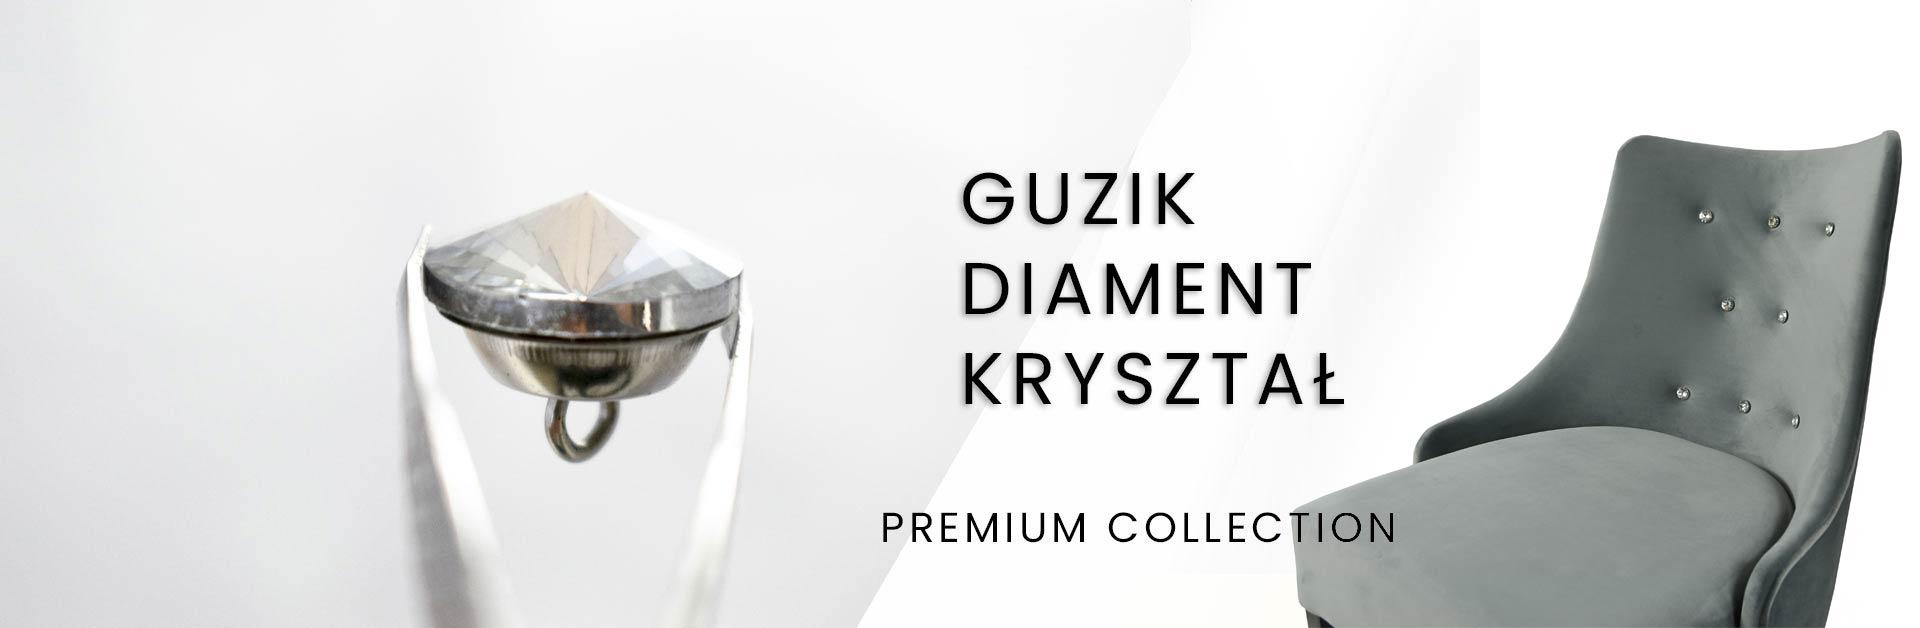 Guzik meblowy Diament GB kryształ